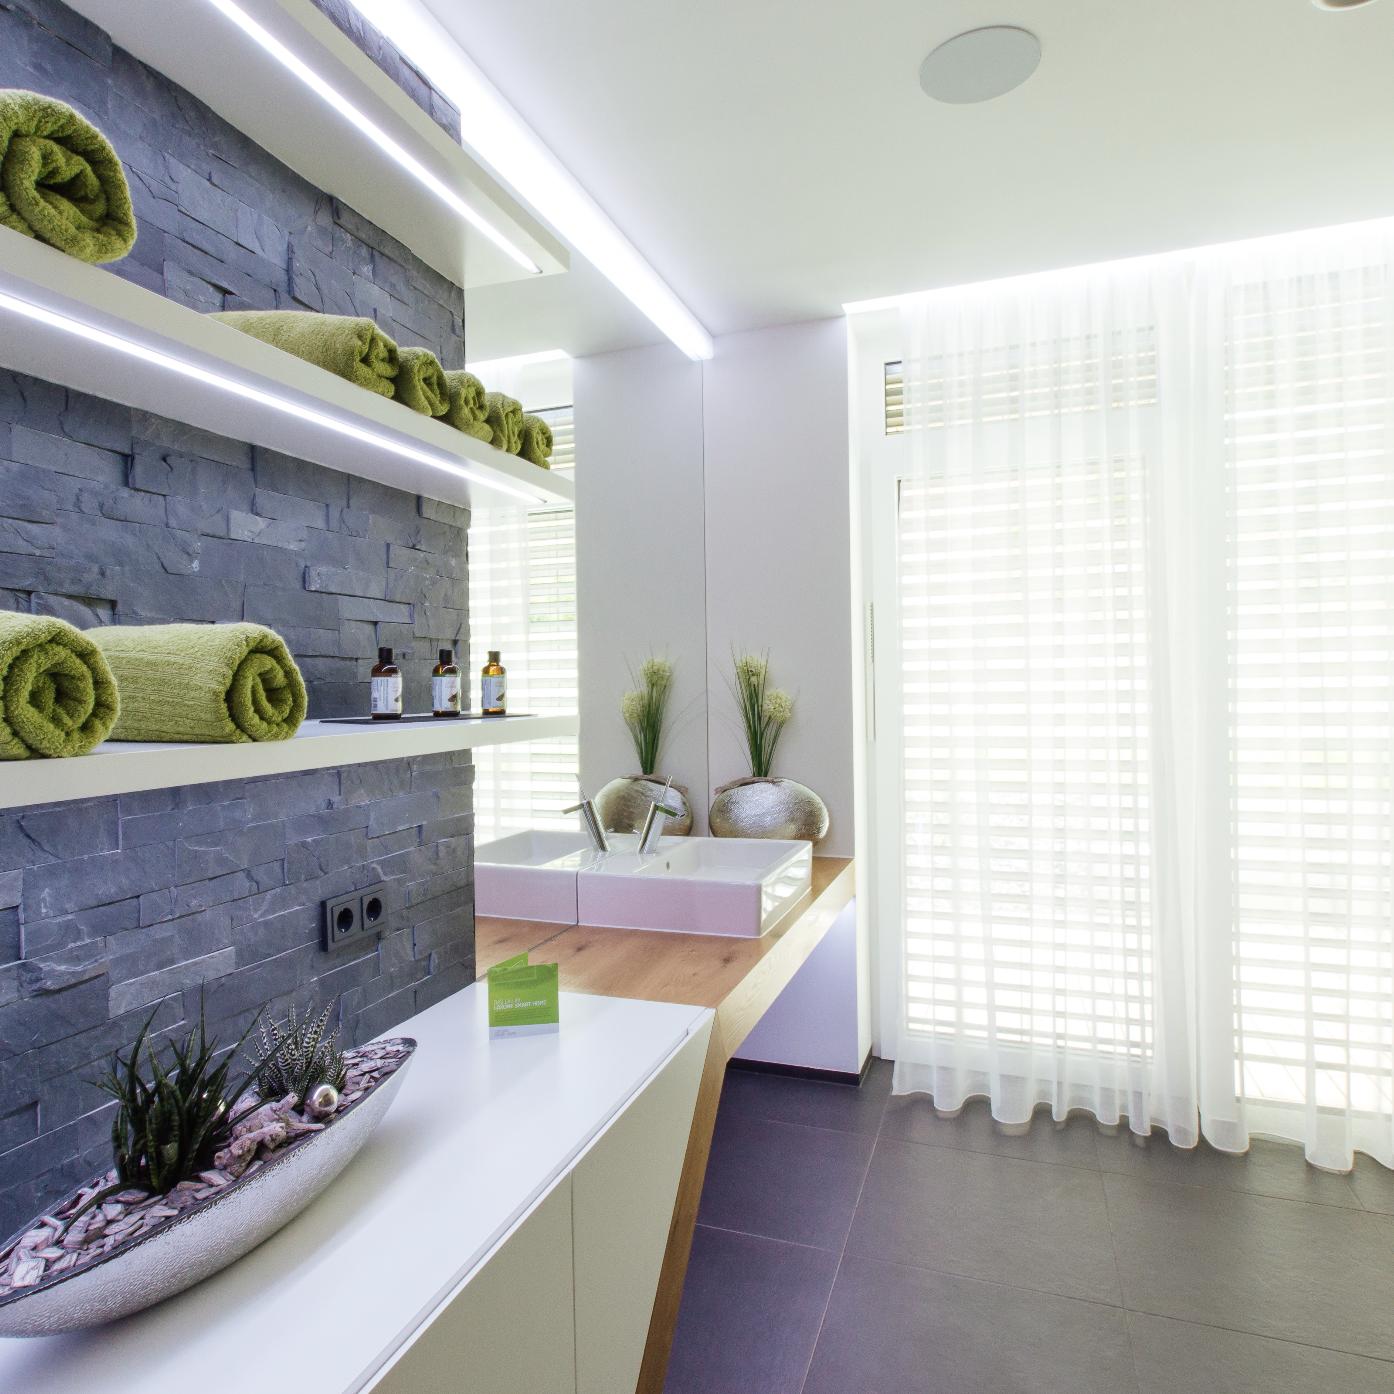 quelle puissance éclairage pour lumière parfaite salle de bain